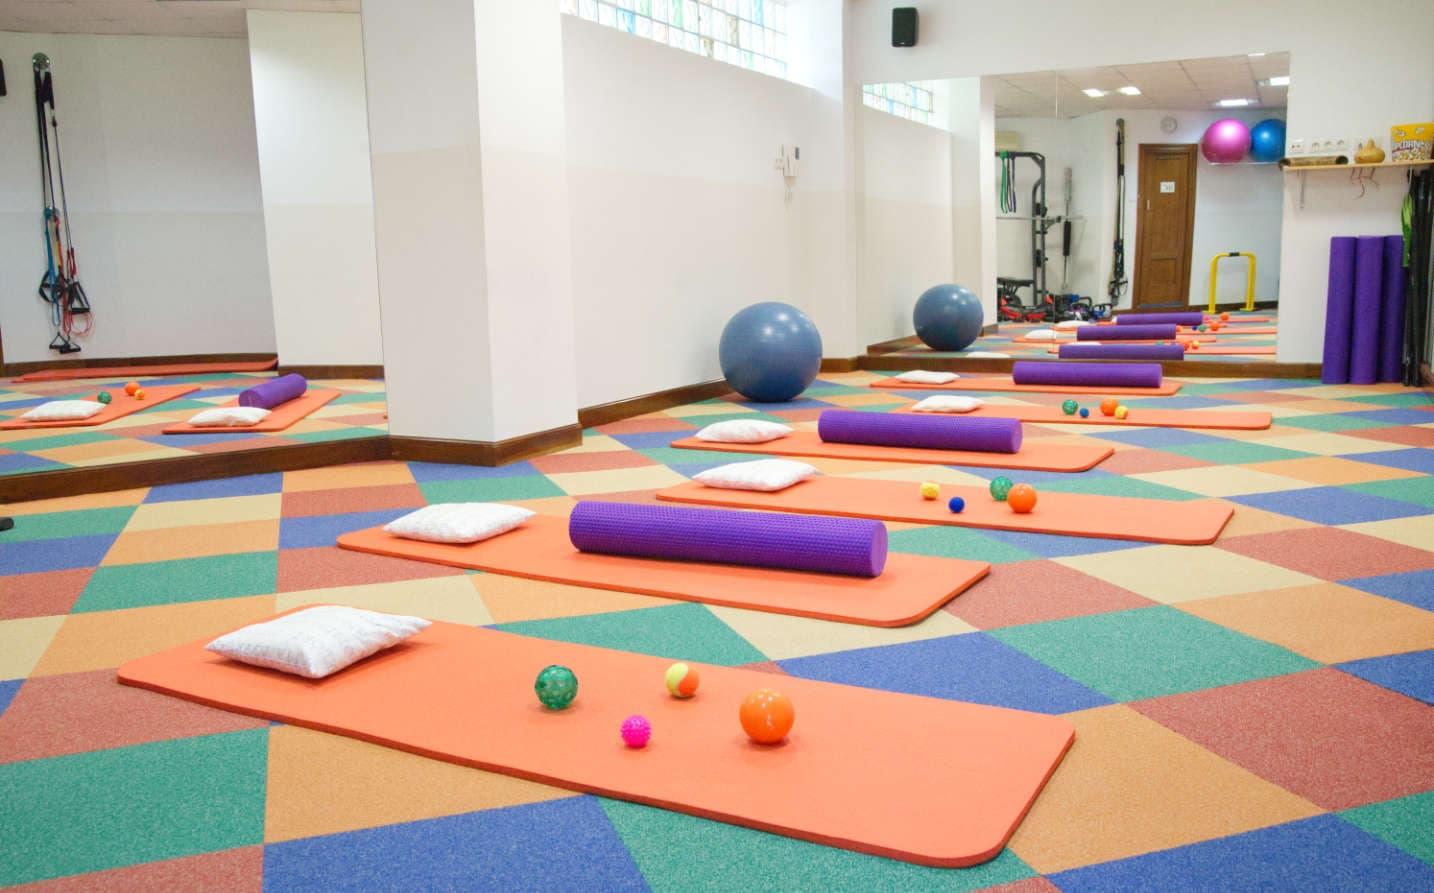 Sala de pilates y rehabilitación física